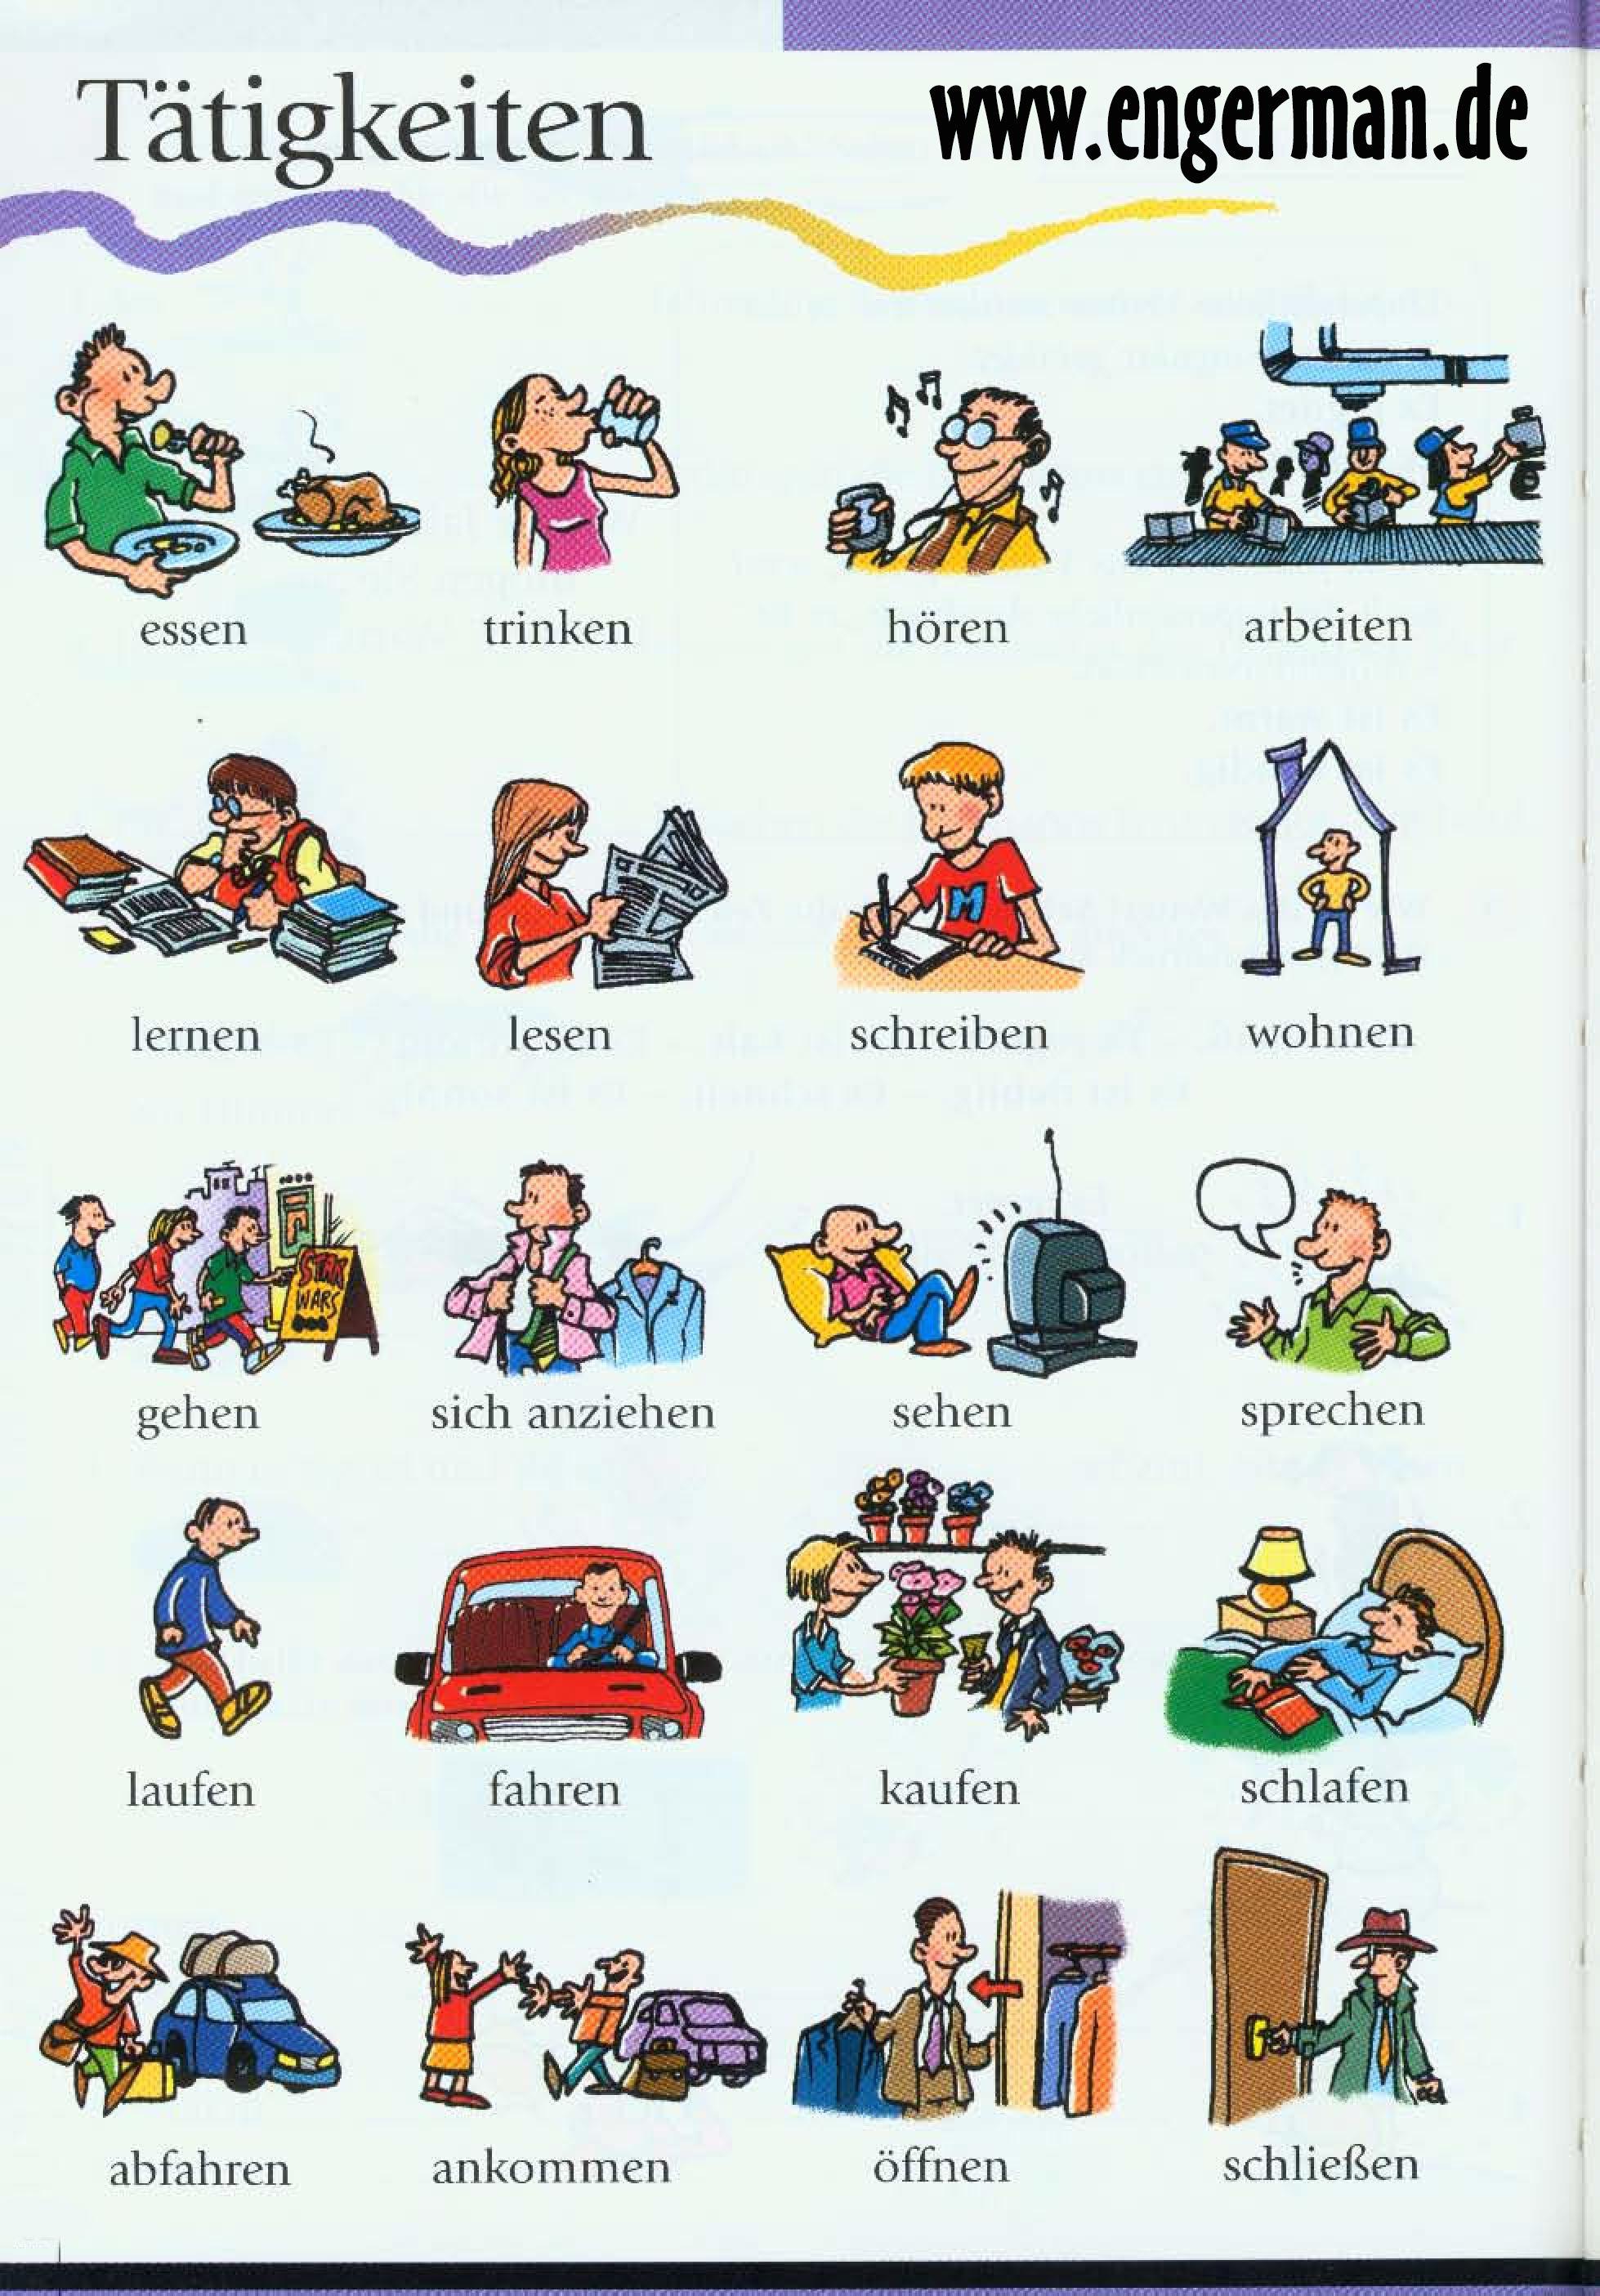 Tätigkeit Auf Englisch